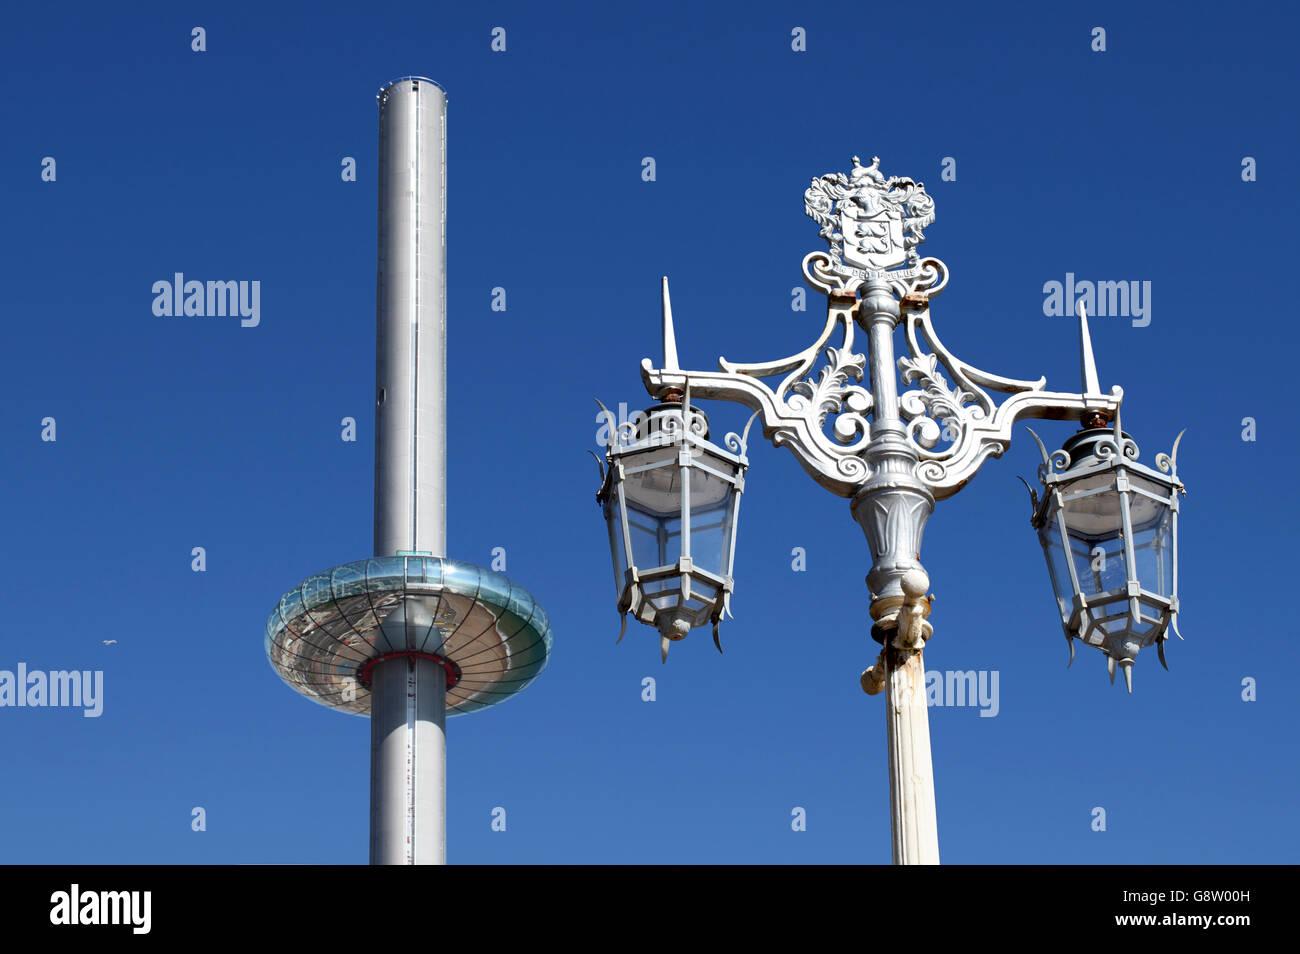 Stili contrastanti di design su Brighton Seafront: il nuovo mi360 cavo verticale di auto e un lampione tradizionale. Immagini Stock